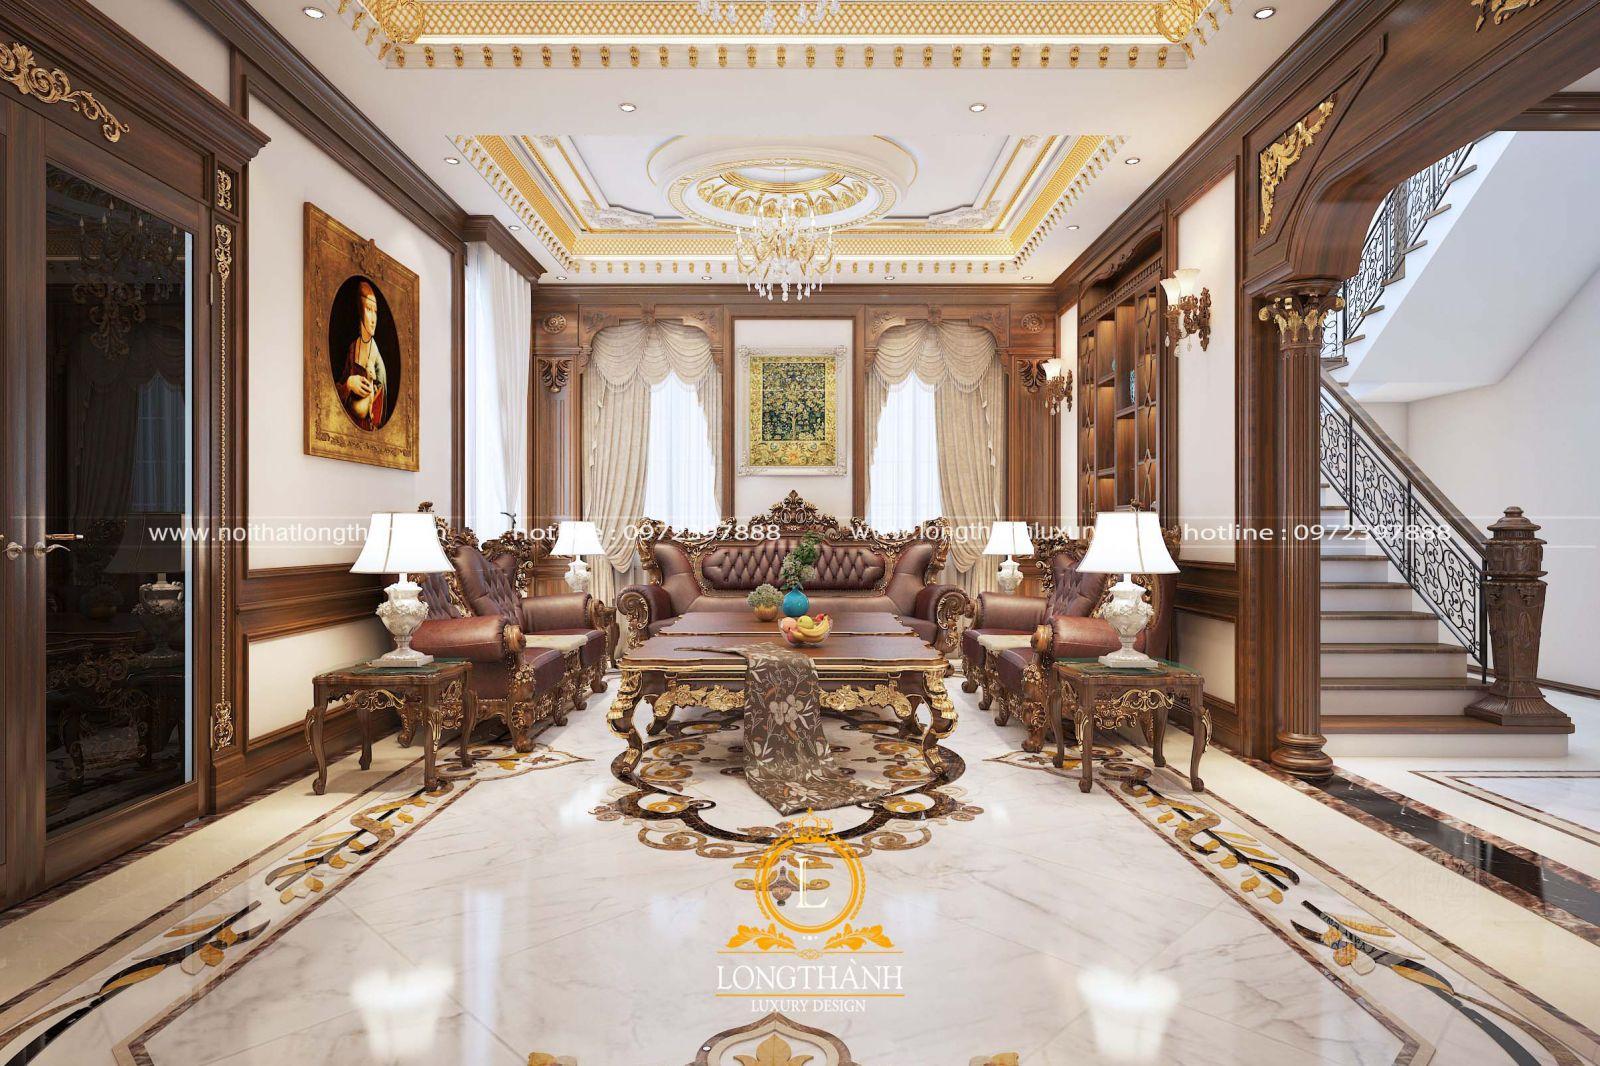 Rèm cửa trang trí phòng khách biệt thự với màu sắc nhẹ nhàng